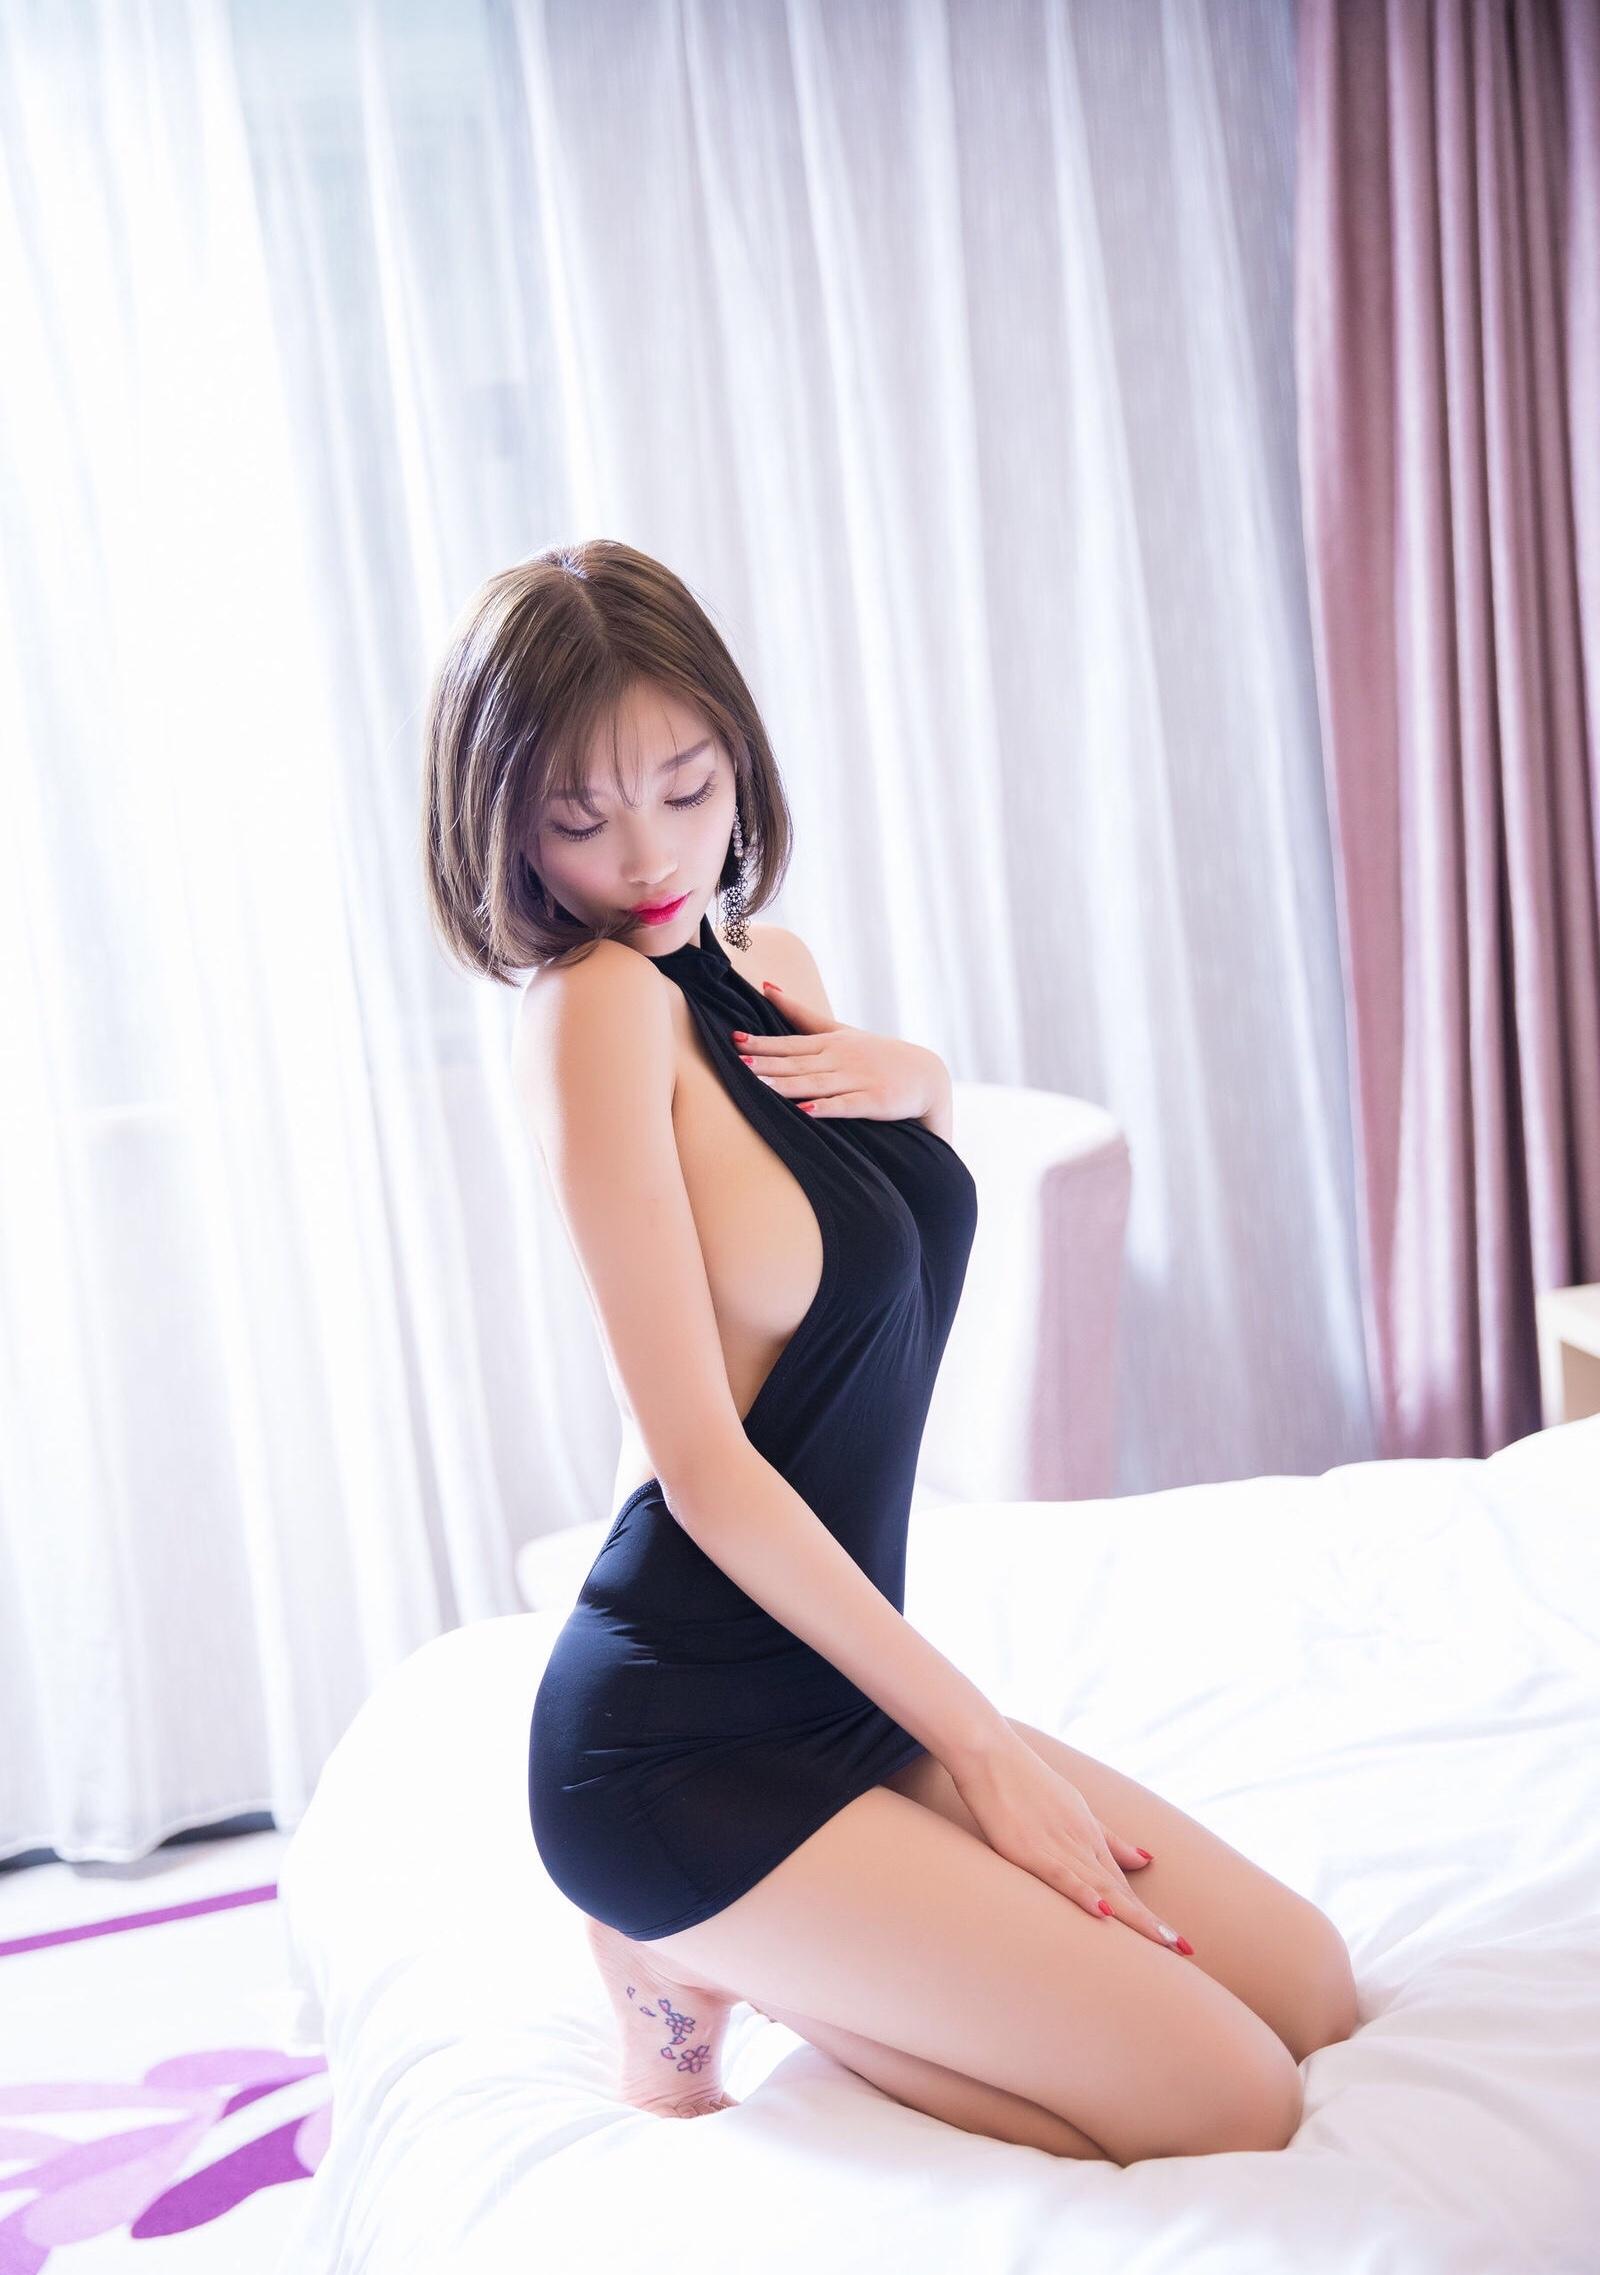 杨晨晨のセクシーすぎるボディコンドレス 11